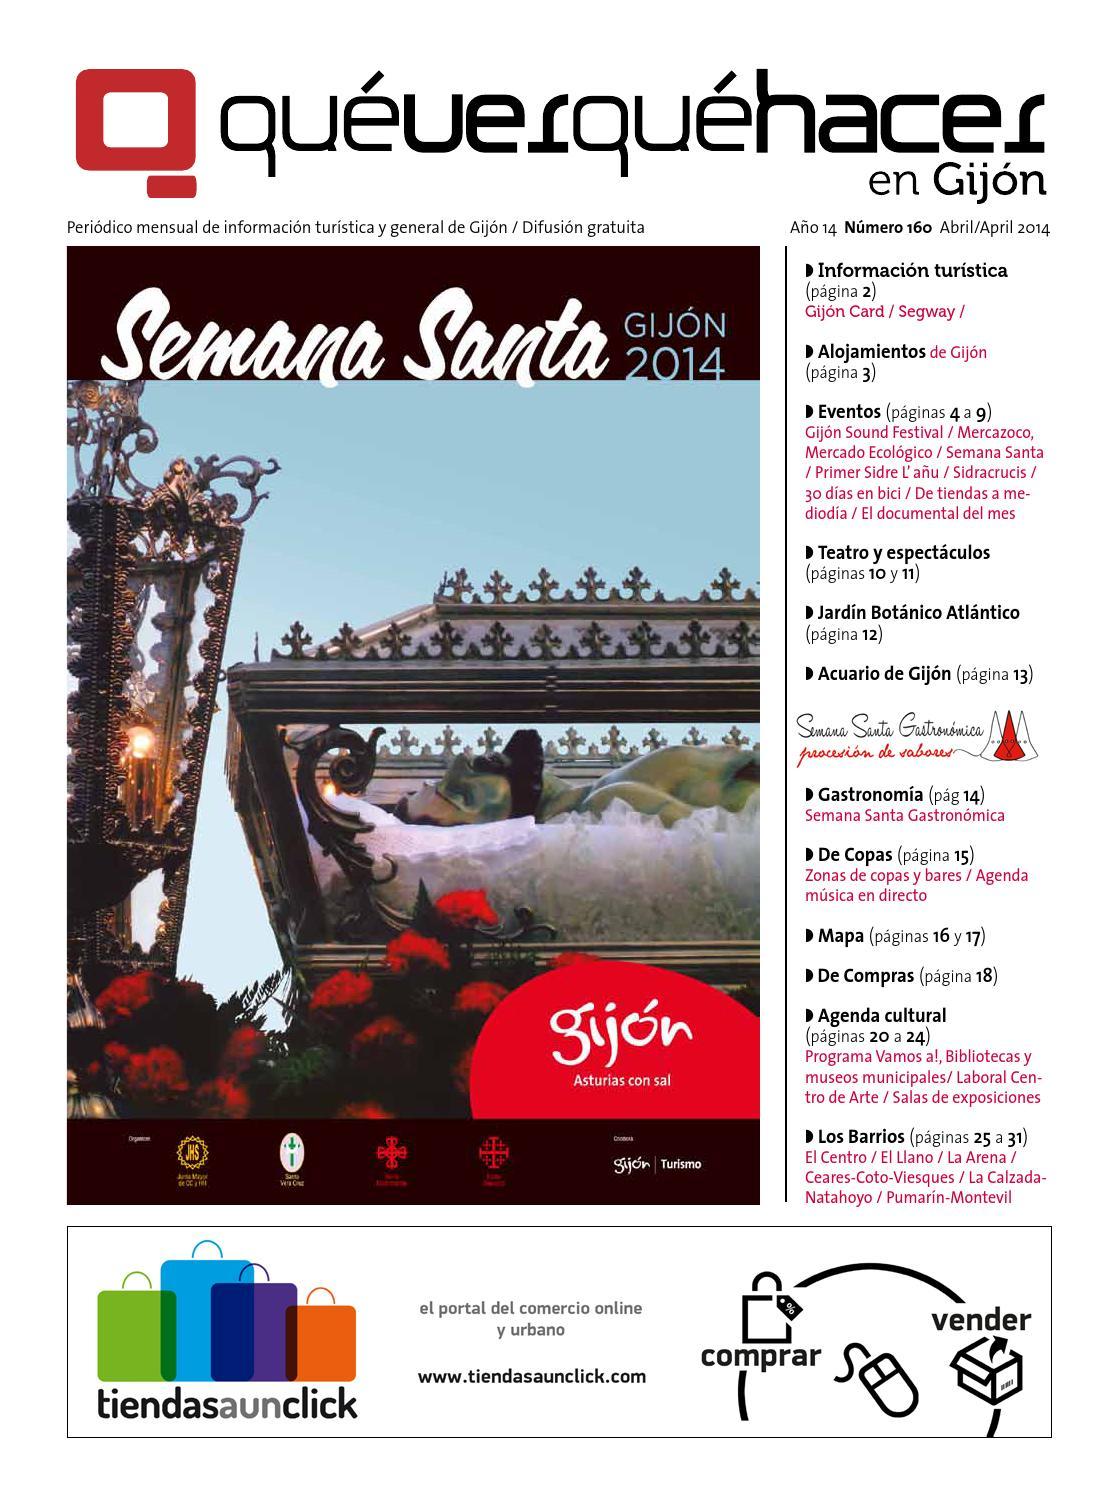 Qué ver qué hacer en Gijon abril 2014 by uve comunicacion